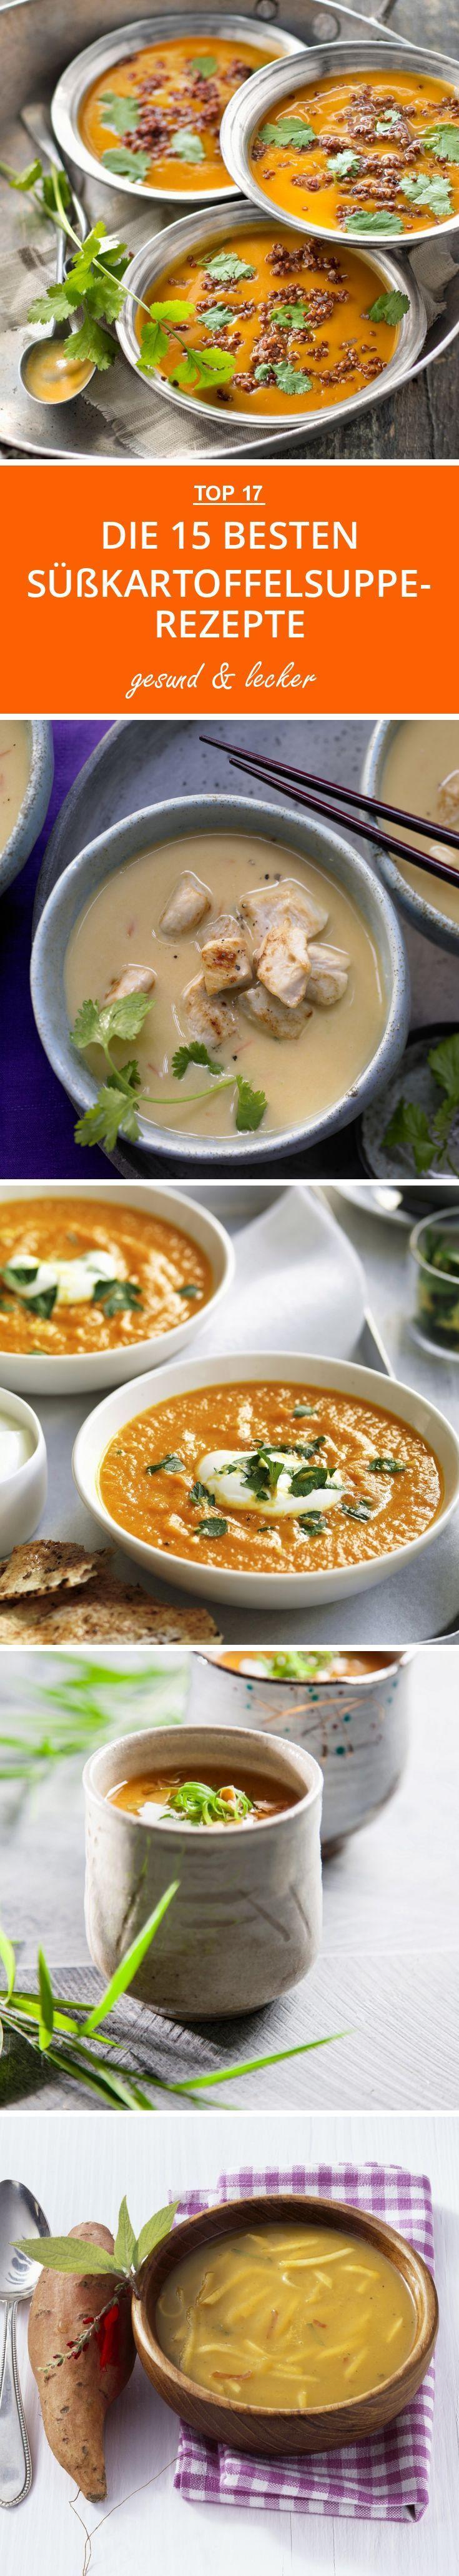 Die 14 besten Süßkartoffel-Suppen